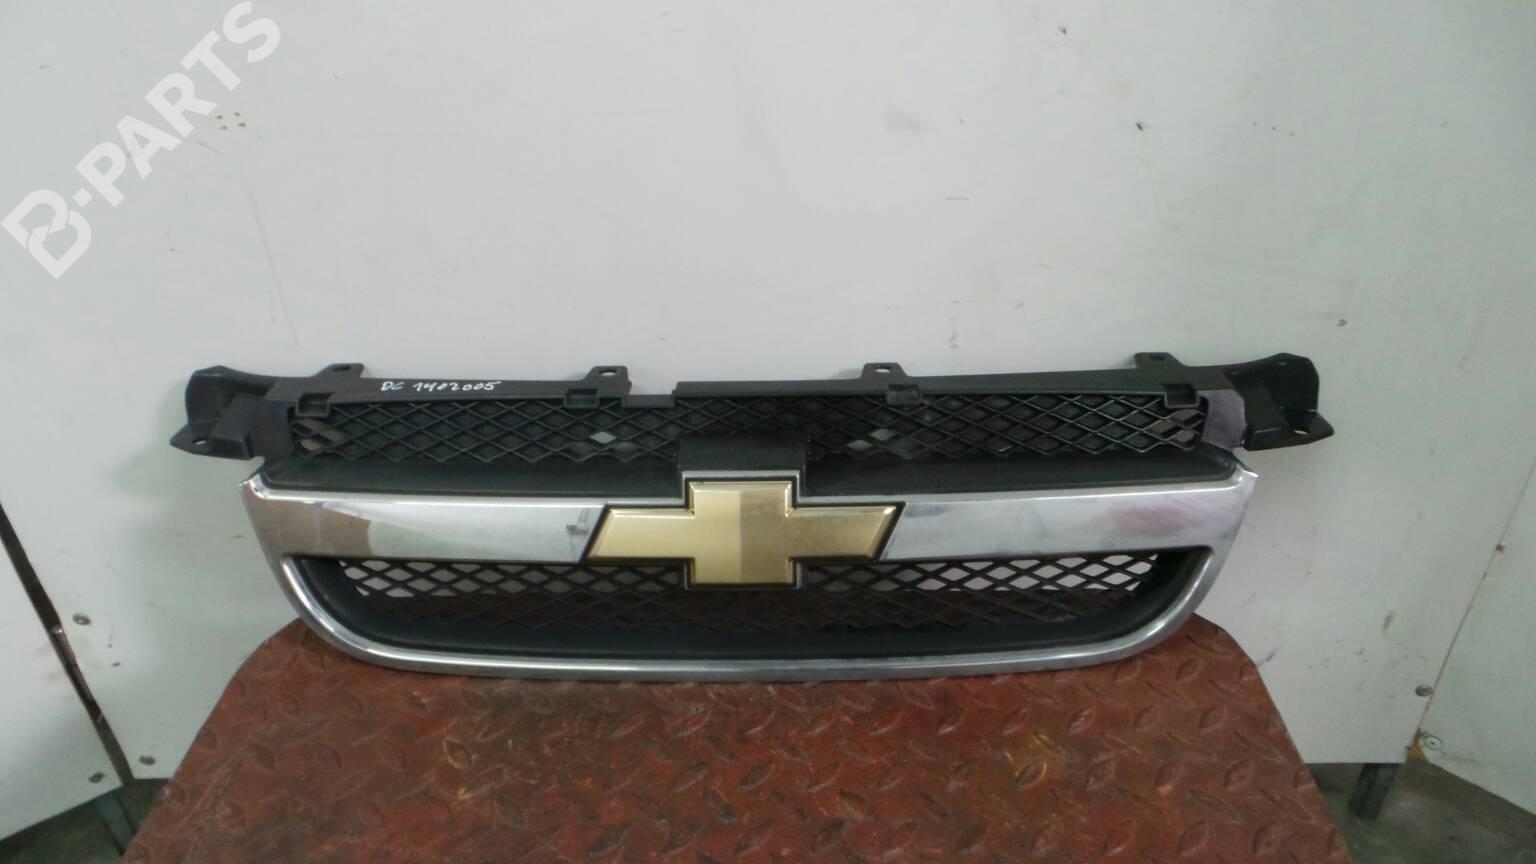 /Étrier de frein avant gauche pour Aveo T250 T255 Aveo//Kalos T200 T250 T255 Kalos KLAS berline 2002-2019 343380